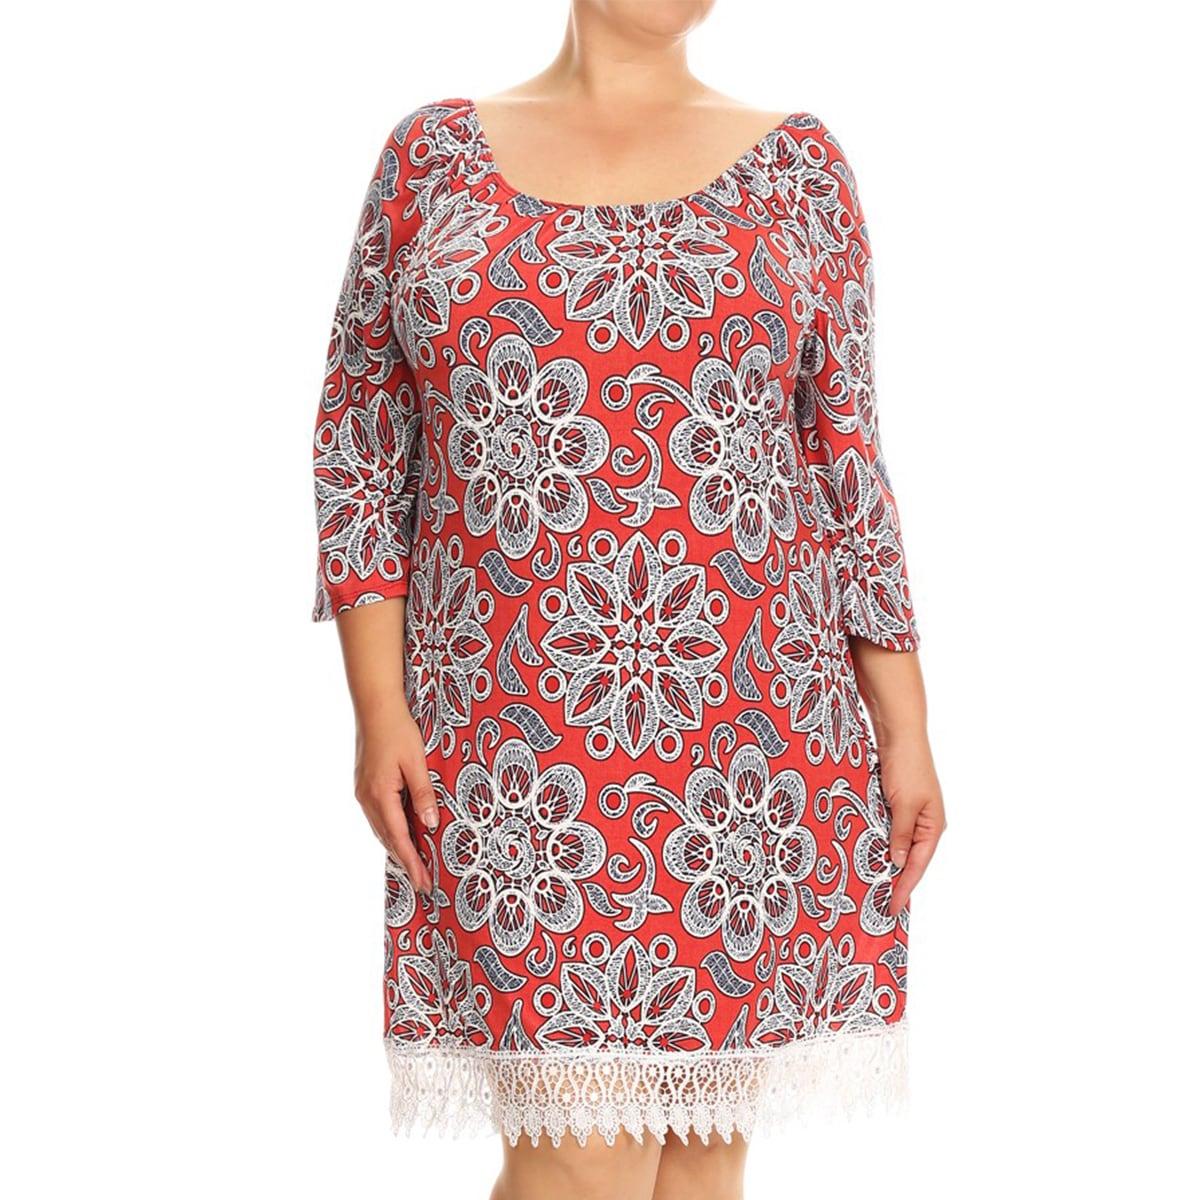 d4b6aa3e18 Women s Red Spanded Blend Plus Size Floral Crochet Lace Trim Dress ...